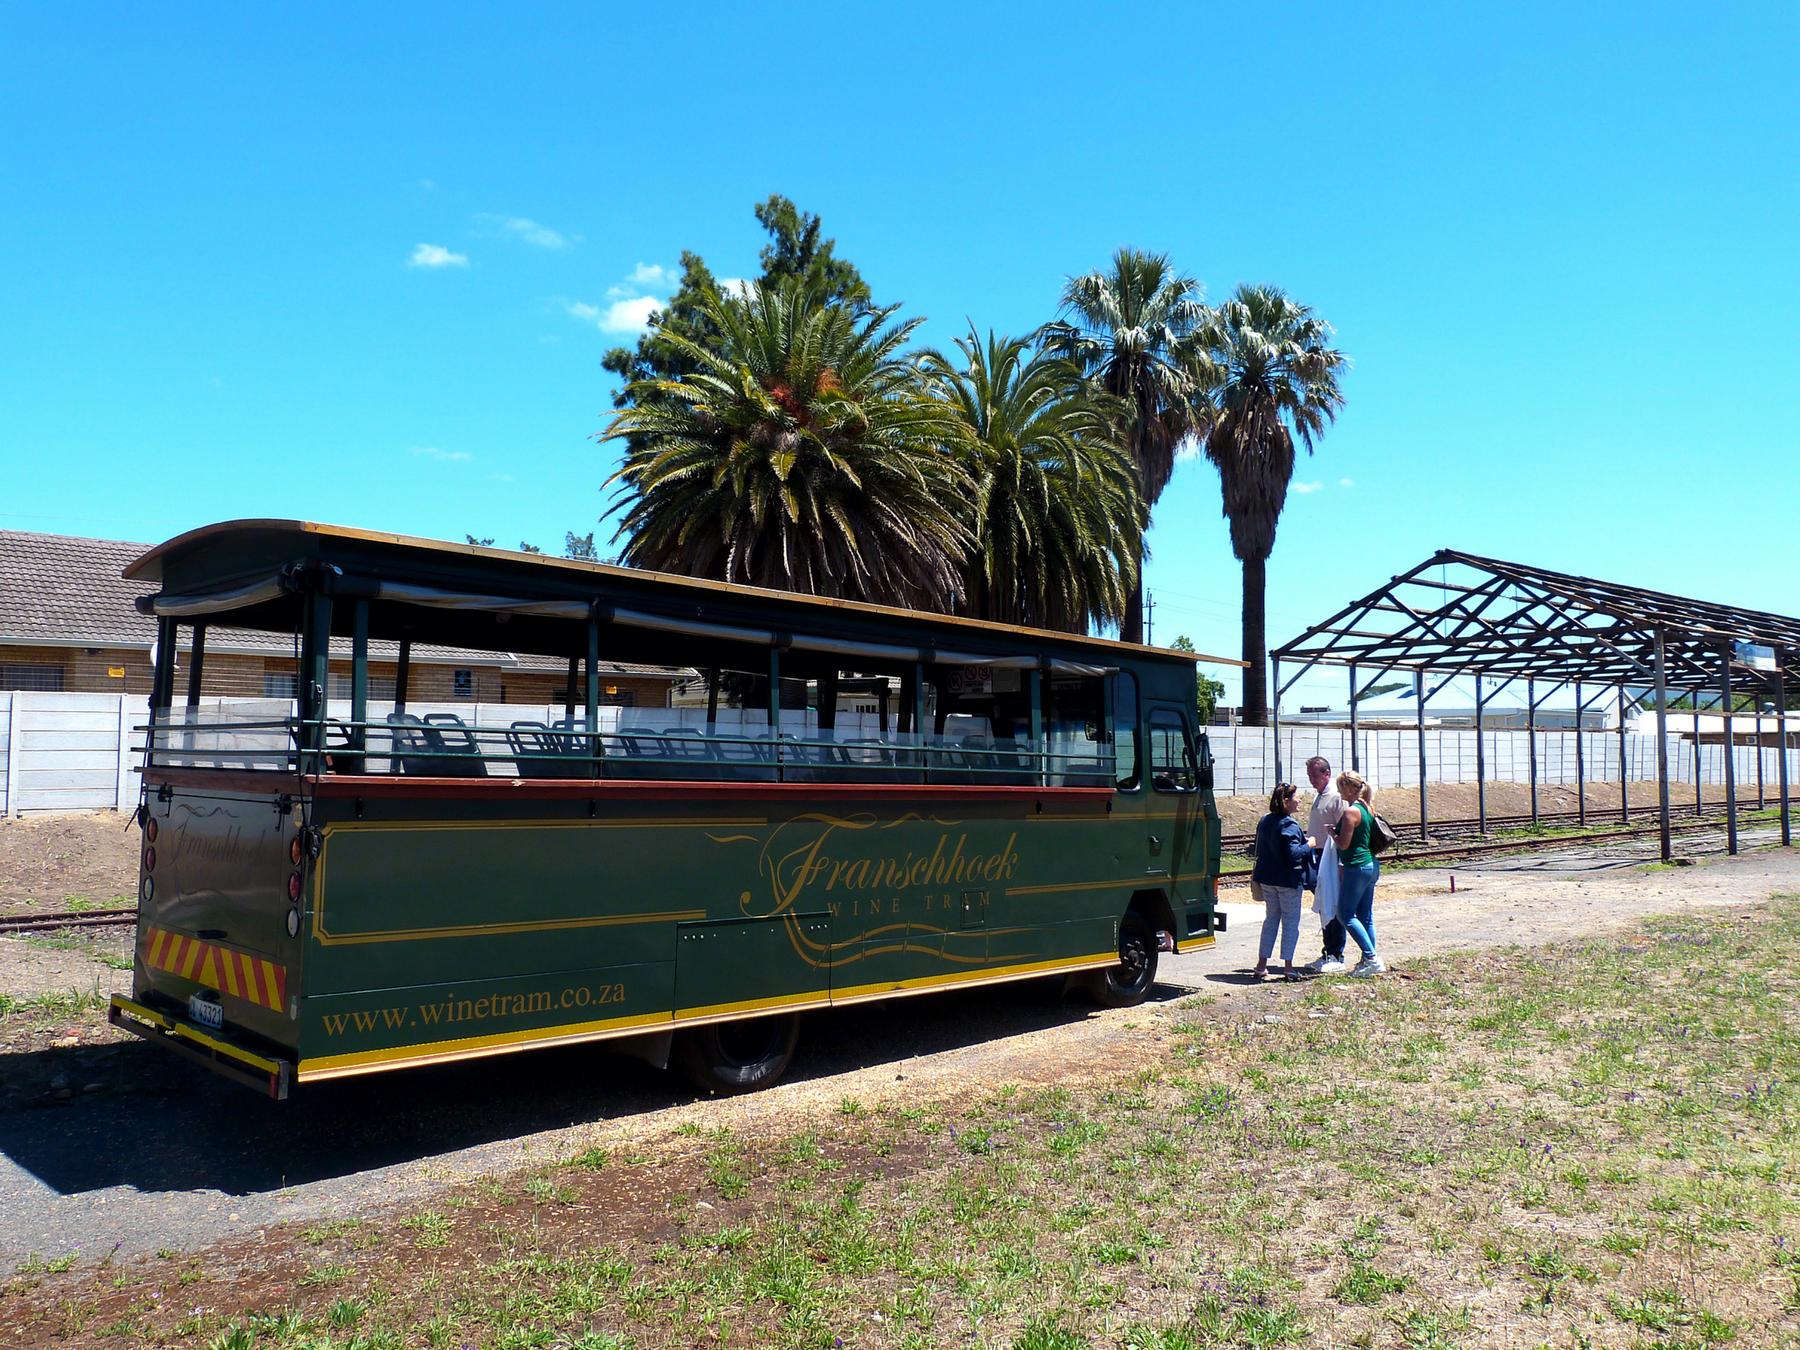 Rota-dos-vinhos-em-Cape-Town-Stellenbosch-e-Franschhoek-wine-tram-2 Rota dos vinhos em Cape Town Stellenbosch e Franschhoek